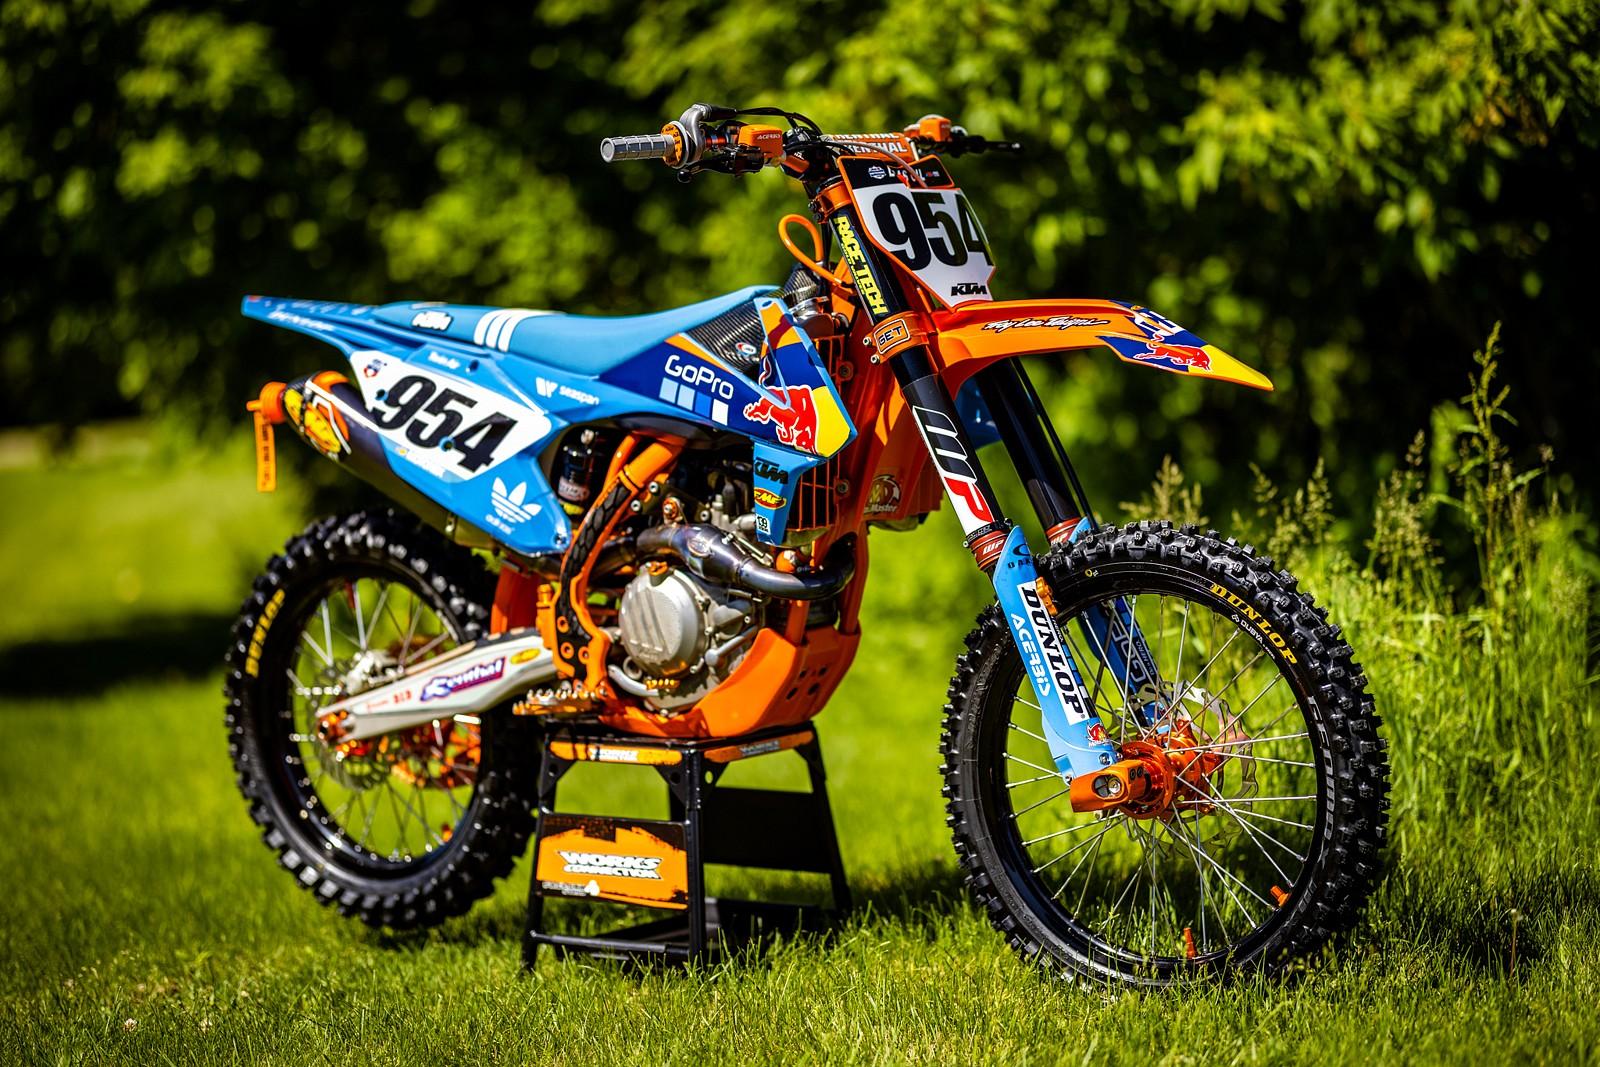 ktm 20 - GForce MMG - Motocross Pictures - Vital MX